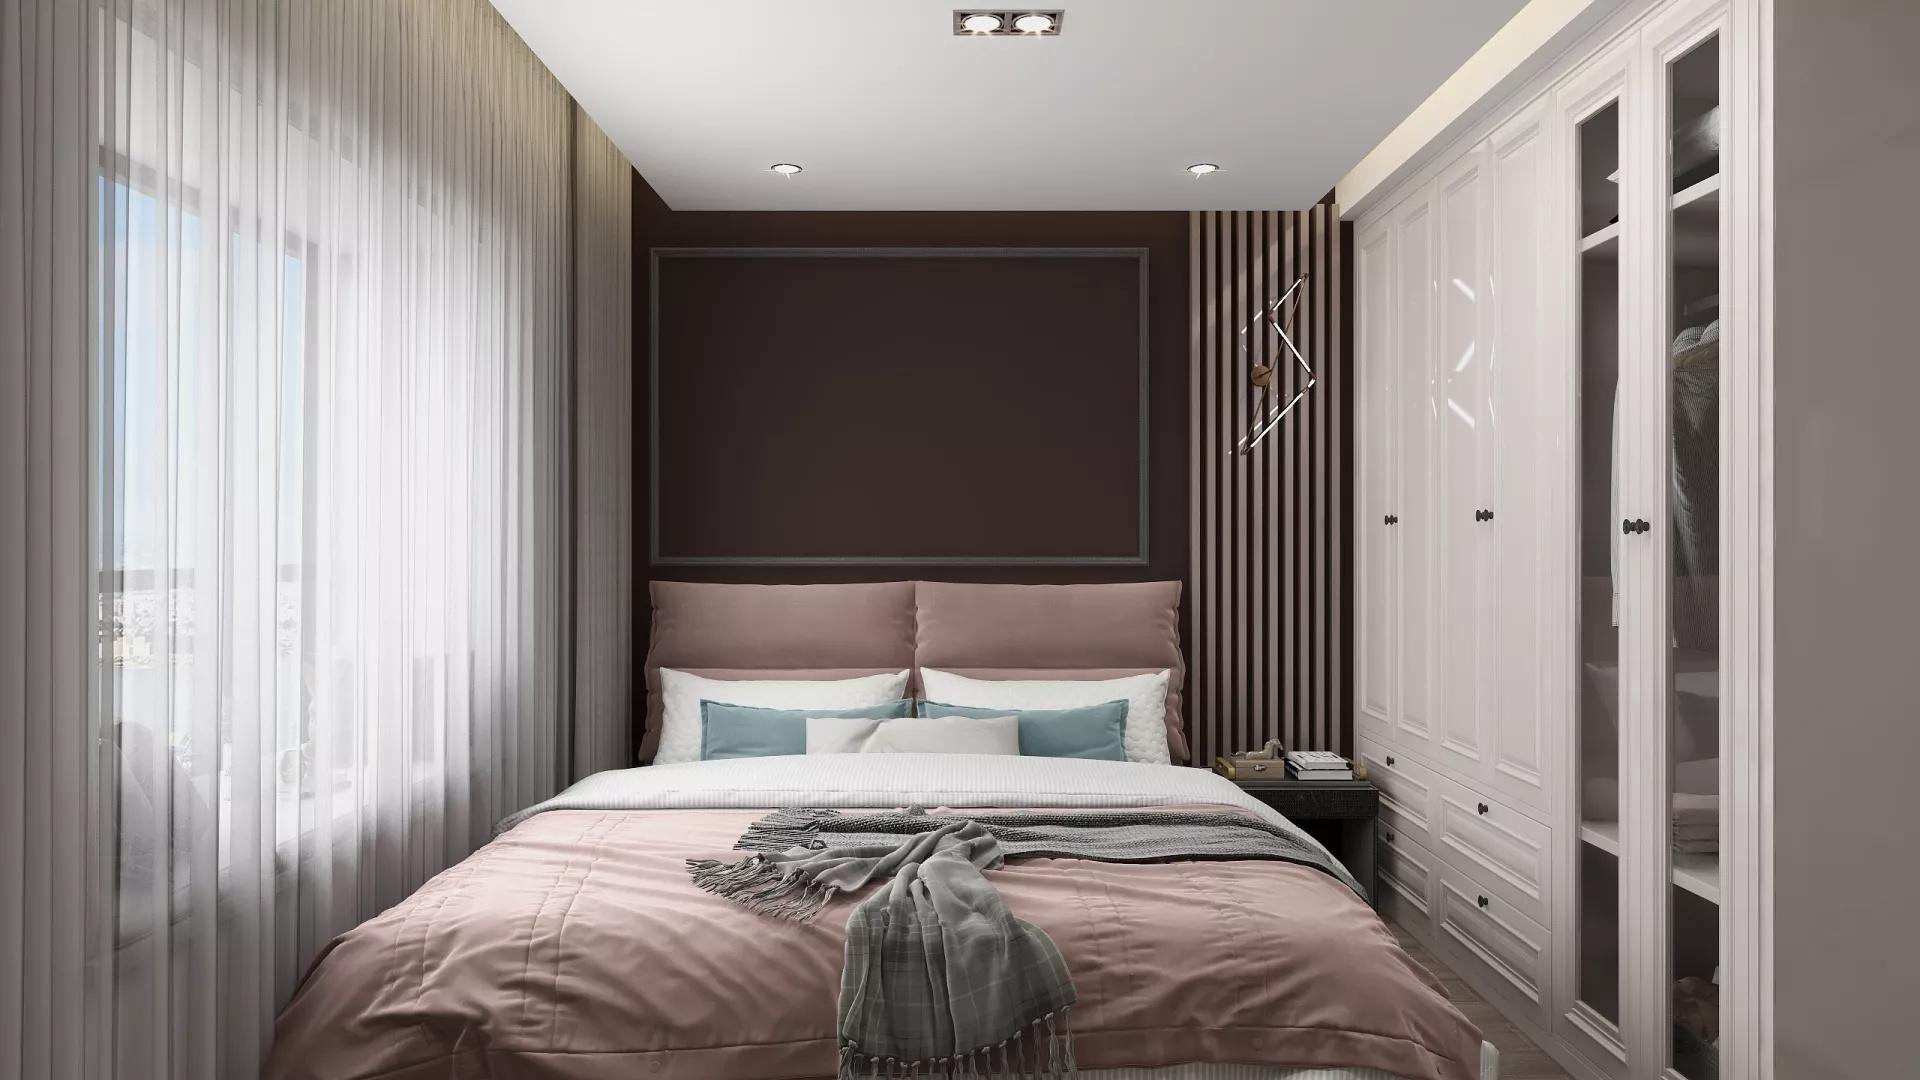 原木宜家风70平简约北欧风格家居装修效果图